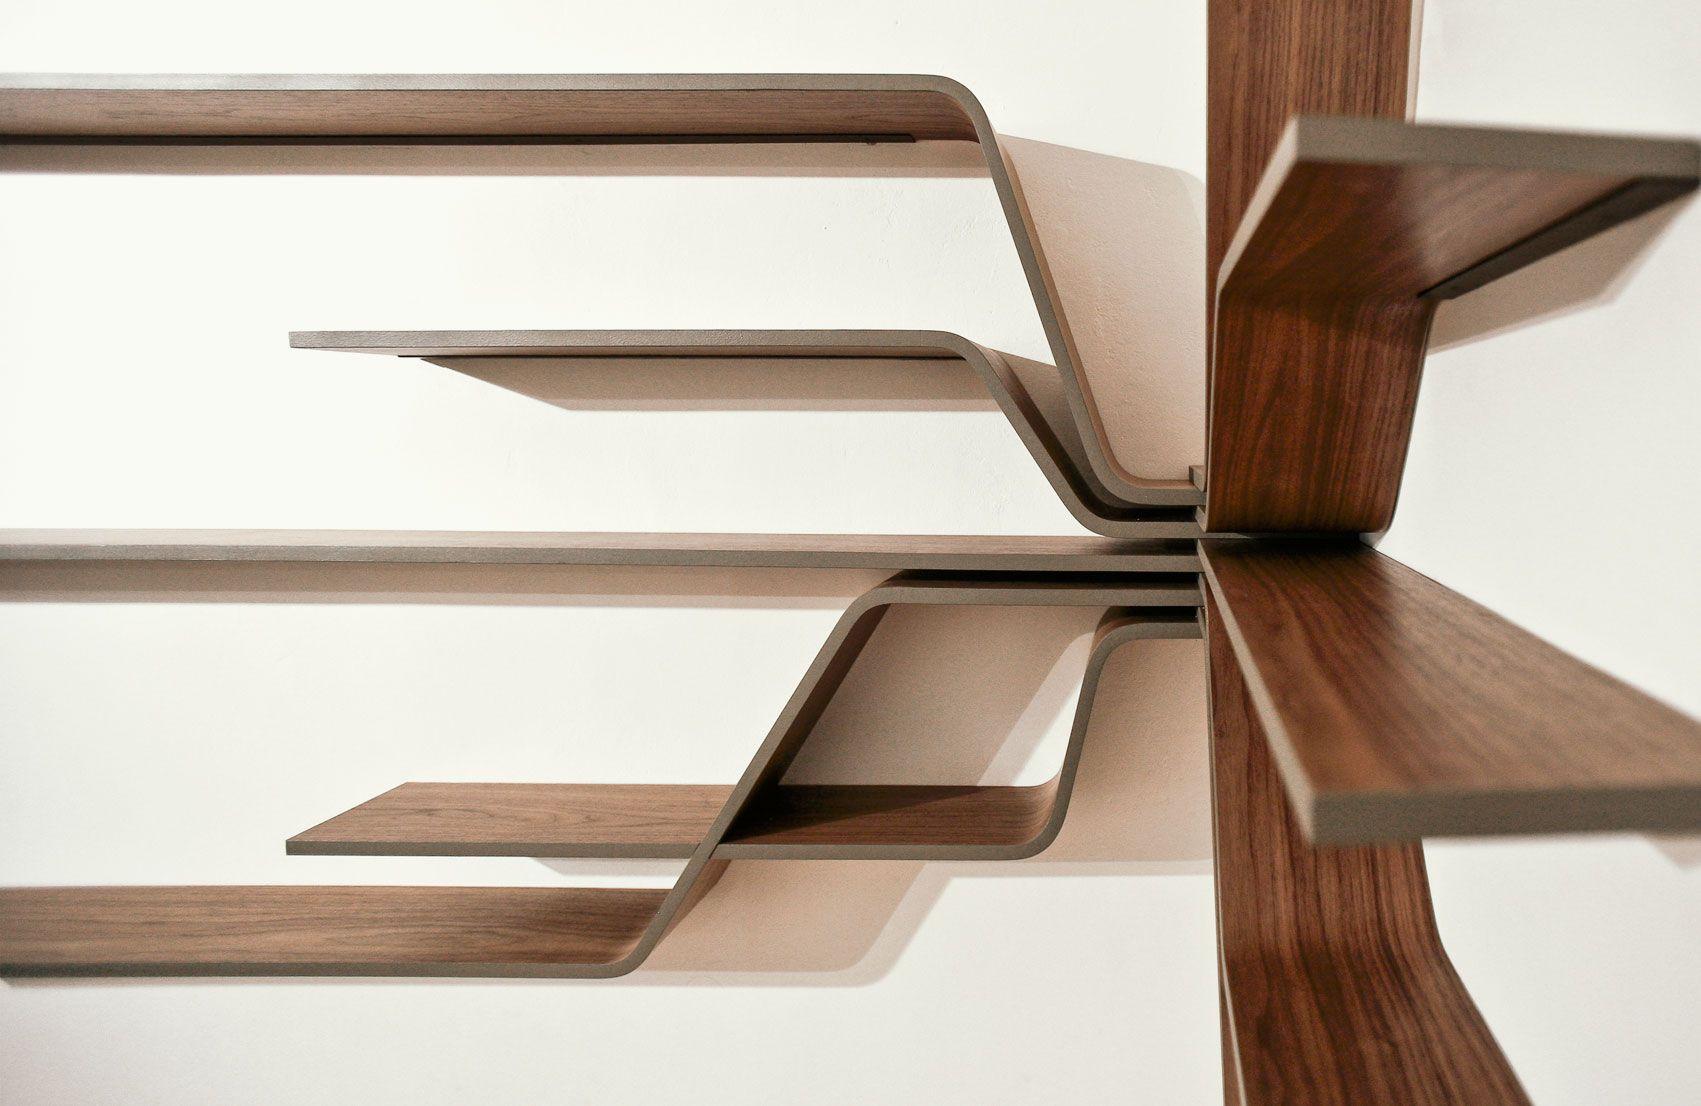 etag res podium pour petites choses projets essayer. Black Bedroom Furniture Sets. Home Design Ideas